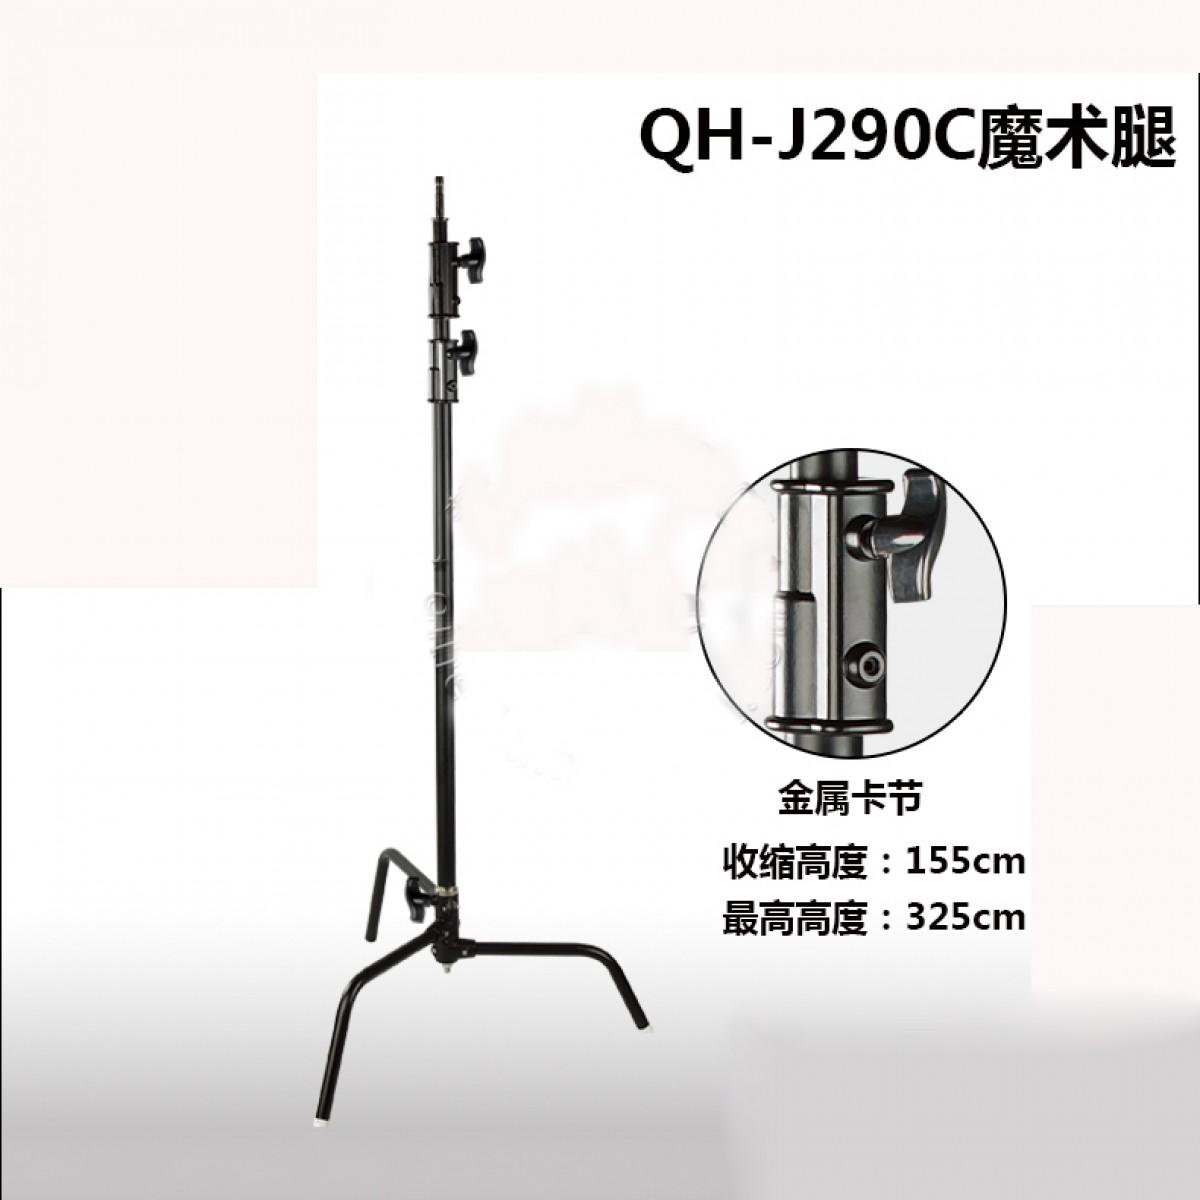 Qihe起鹤牌QH-J290C魔术腿影视灯架 钢管